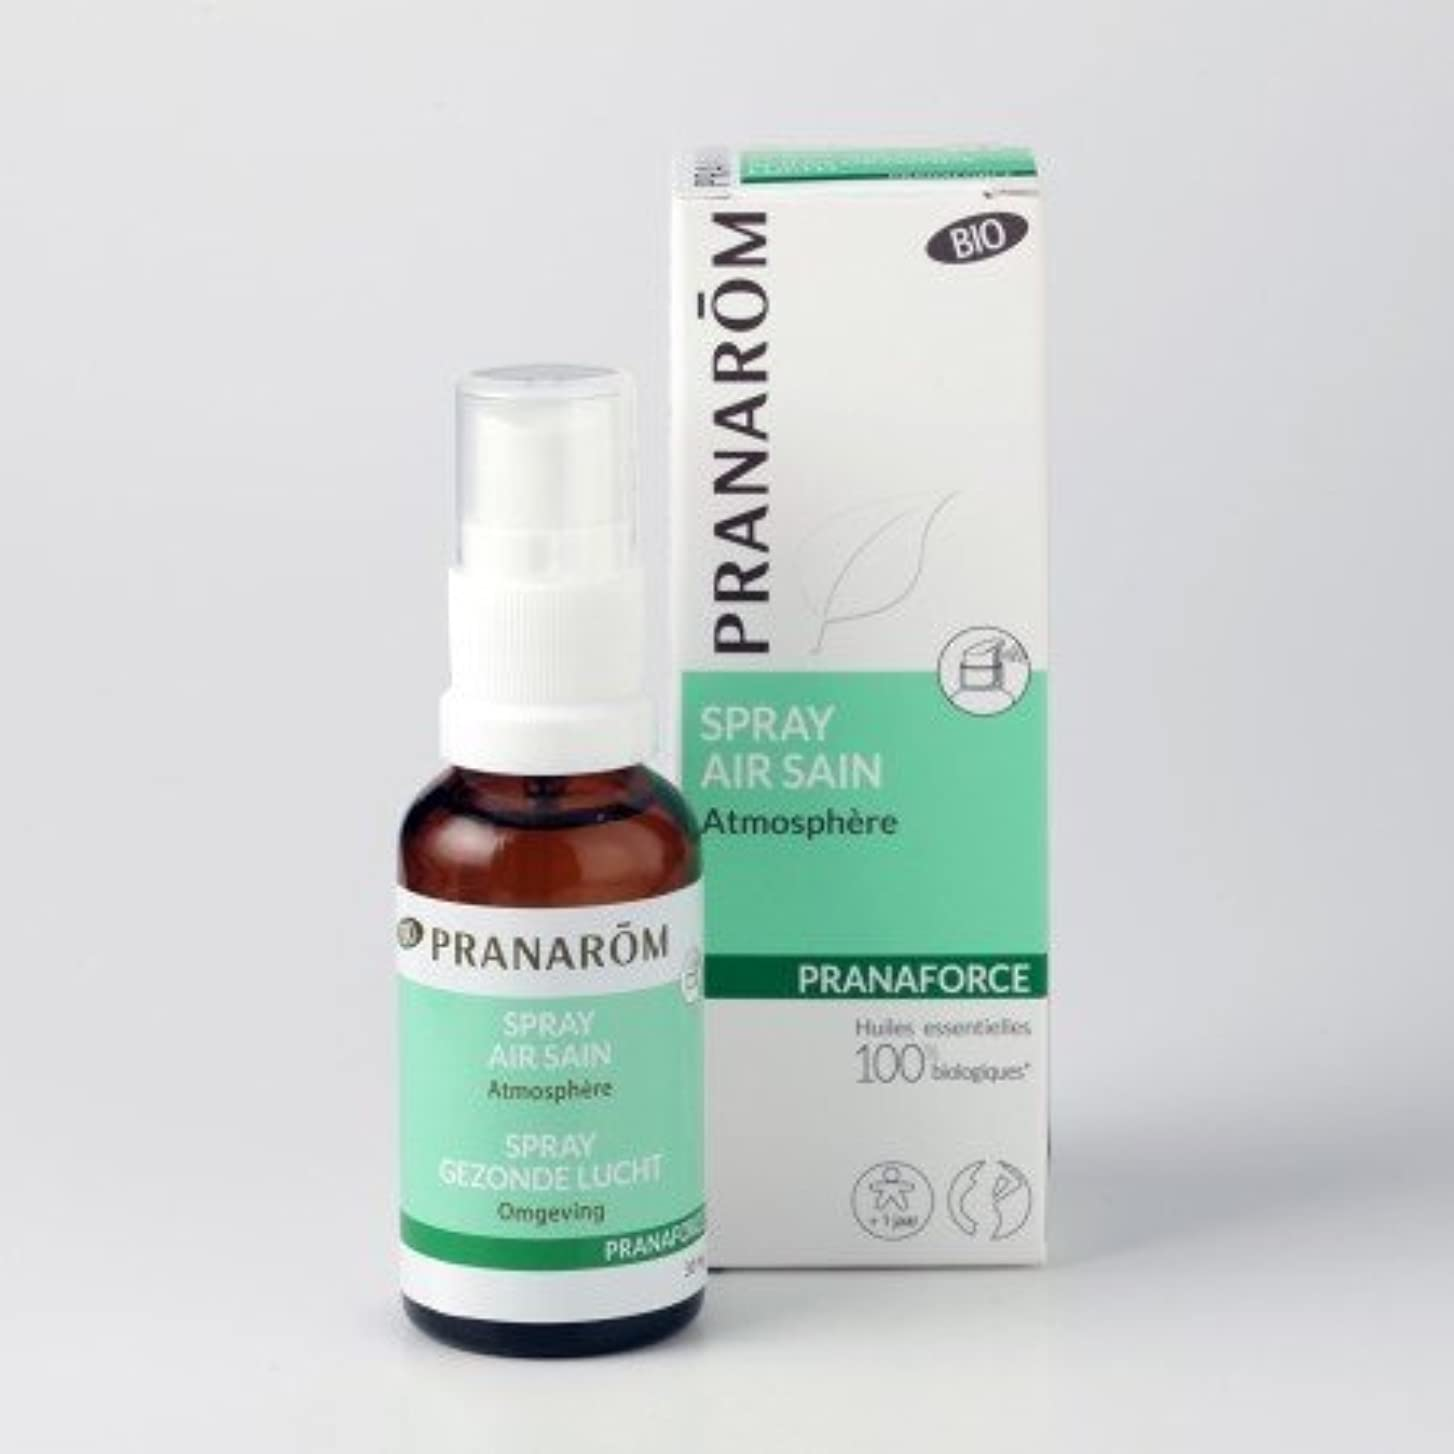 ビクターご近所限りプラナロム (PRANAROM) ルームコロン プラナフォース?スプレー 30ml 02601 エアフレッシュナー (芳香剤)